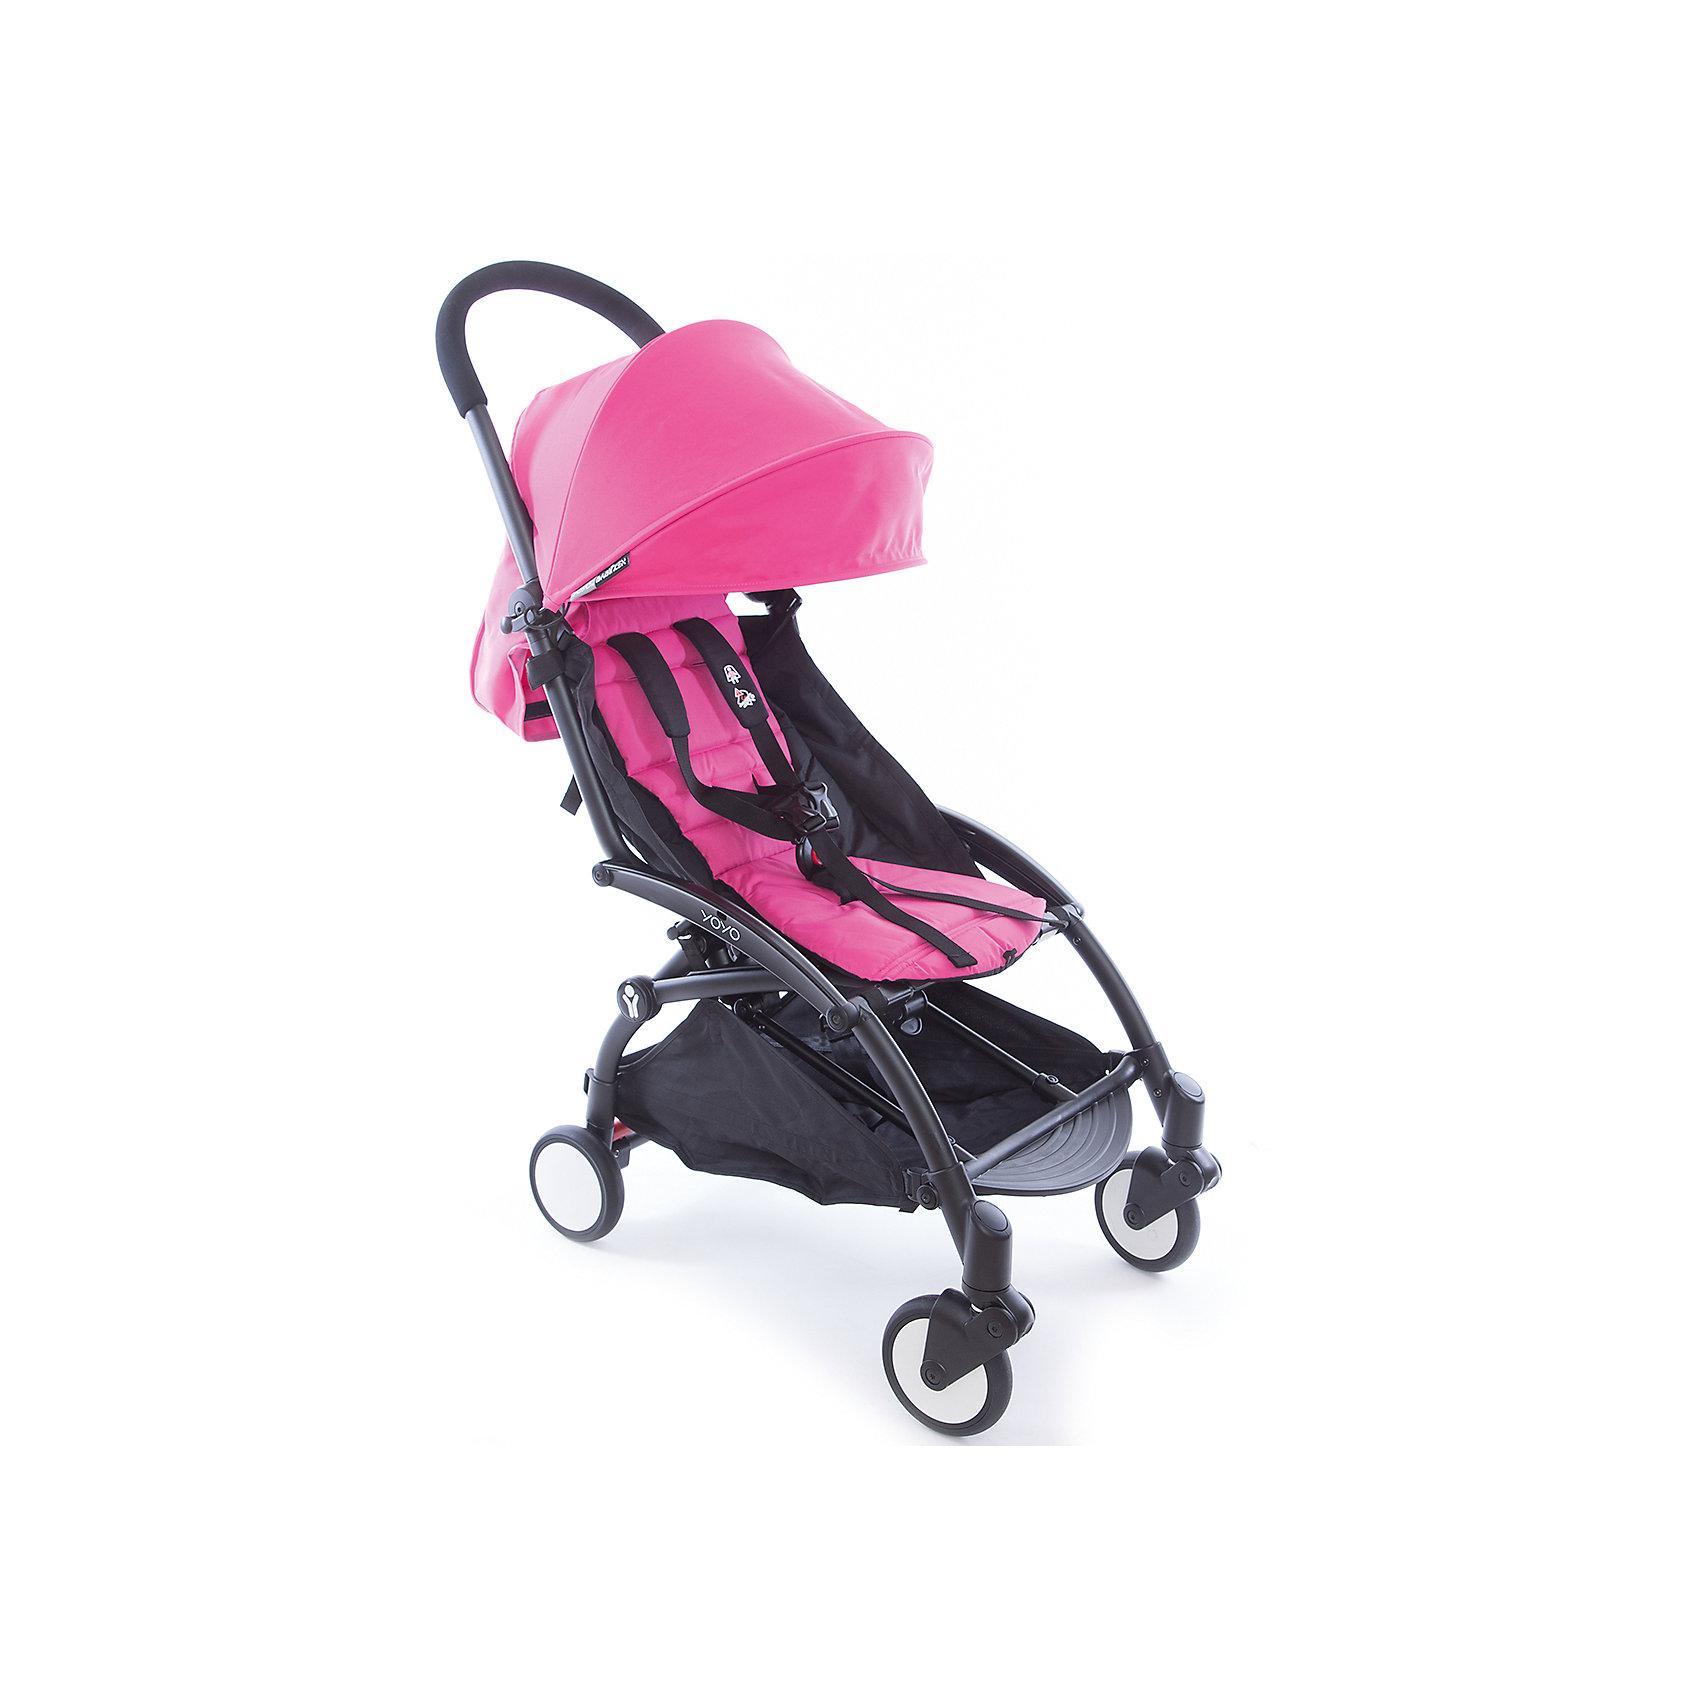 Капюшон и сиденье 6+ для YOYO+, Babyzen, розовыйПрогулочные коляски<br>Капюшон и сиденье 6+ для YOYO+, Babyzen (Бебизен), розовый<br><br>Характеристики:<br>• вы можете быстро изменить стиль своей коляски YOYO+<br>• установка занимает меньше 15 минут<br>• карман для мамы на капюшоне<br>• водоотталкивающий материал<br>• защита от солнца UV 50+<br>• подходит для коляски Babyzen YOYO+<br>• в комплекте: матрасик-сидение, капюшон<br>• цвет: розовый<br>• коллекция: 2017<br><br>Для того, чтобы коляска вашего малыша была самой стильной, достаточно выбрать подходящий цвет. Капюшон и сиденье розового цвета отлично подойдет для девочек. С ними Babyzen YOYO+ превратится в настоящий спортивный экипаж! Установка комплекта не займет у вас много времени. <br><br>Комплект выполнен из водоотталкивающего материала, что особенно удобно в непогоду. На капюшоне есть небольшой карман, в который вы сможете положить игрушку малыша или необходимые принадлежности. Капюшон оснащен козырьком с защитой от солнца UV 50+. Комплект подходит для детей старше 6 месяцев. Создайте свою стильную коляску Babyzen YOYO+!<br><br>Внимание!!!  Внимание!!! Аксессуары на фото показаны в готовом виде на базе (раме), которая продается отдельно.<br><br>Капюшон и сиденье 6+ для YOYO+, Babyzen (Бебизен), розовый вы можете купить в нашем интернет-магазине.<br><br>Ширина мм: 650<br>Глубина мм: 10<br>Высота мм: 10<br>Вес г: 730<br>Цвет: розовый<br>Возраст от месяцев: 6<br>Возраст до месяцев: 36<br>Пол: Женский<br>Возраст: Детский<br>SKU: 5445682